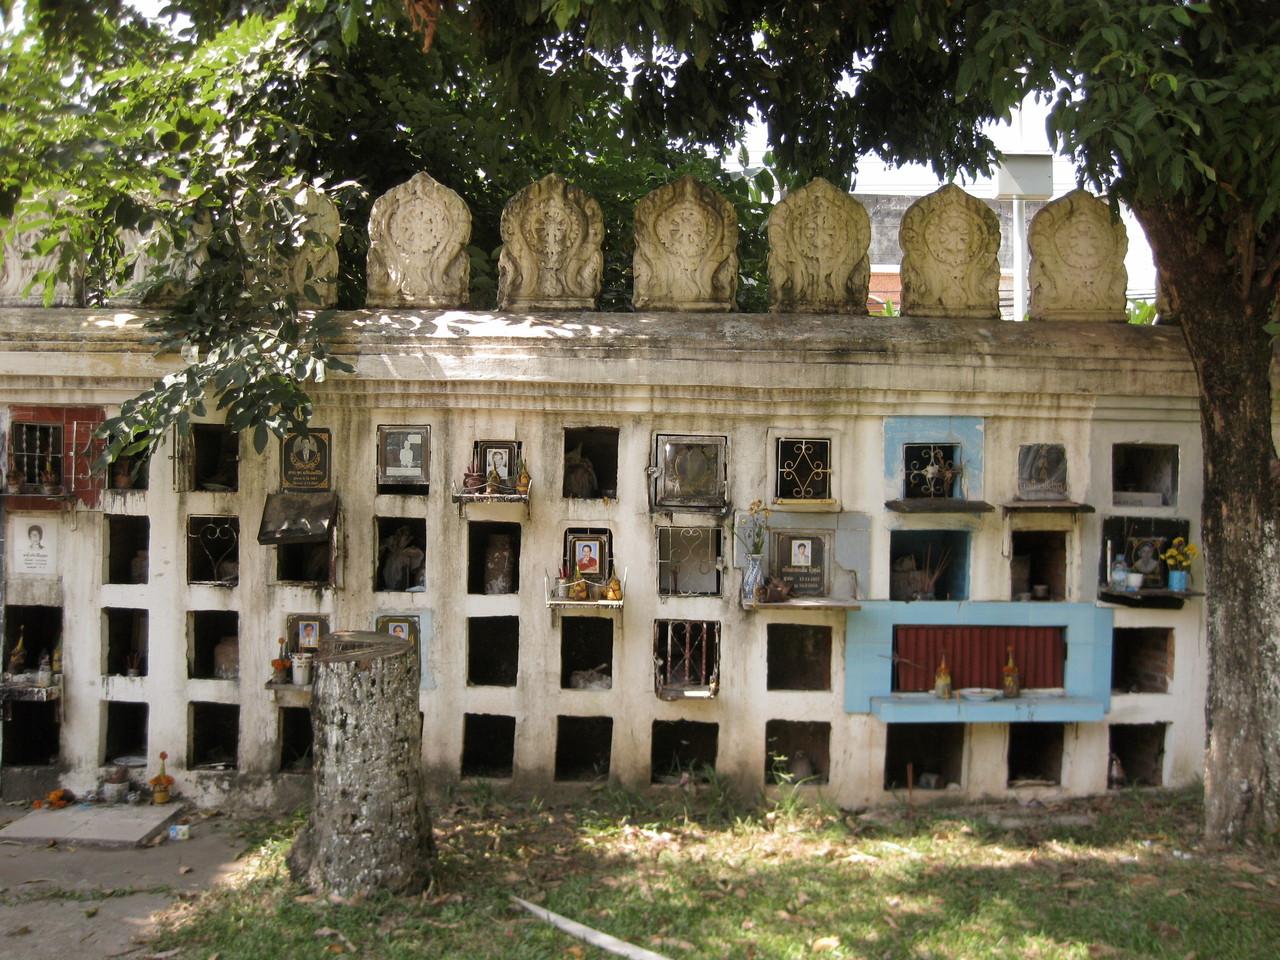 この寺で発見したのは、塀に並んだ位牌堂みたいなお墓群。